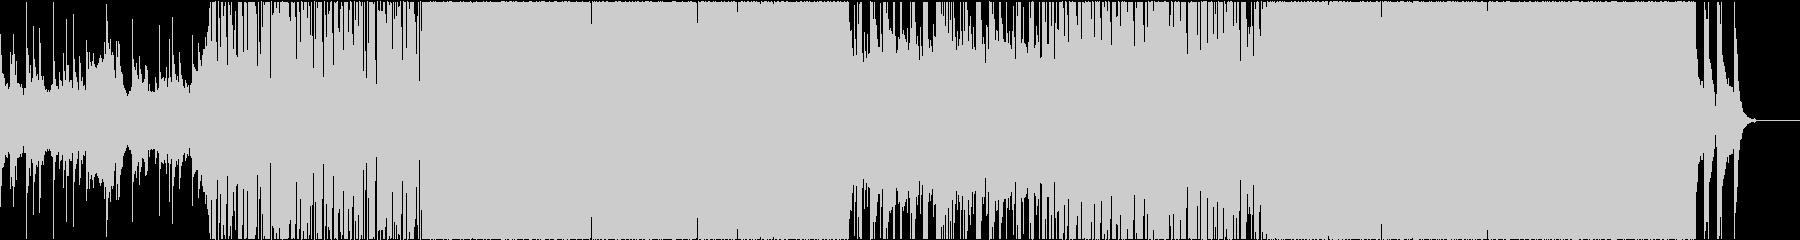 琴がメインのブレイクビーツの未再生の波形